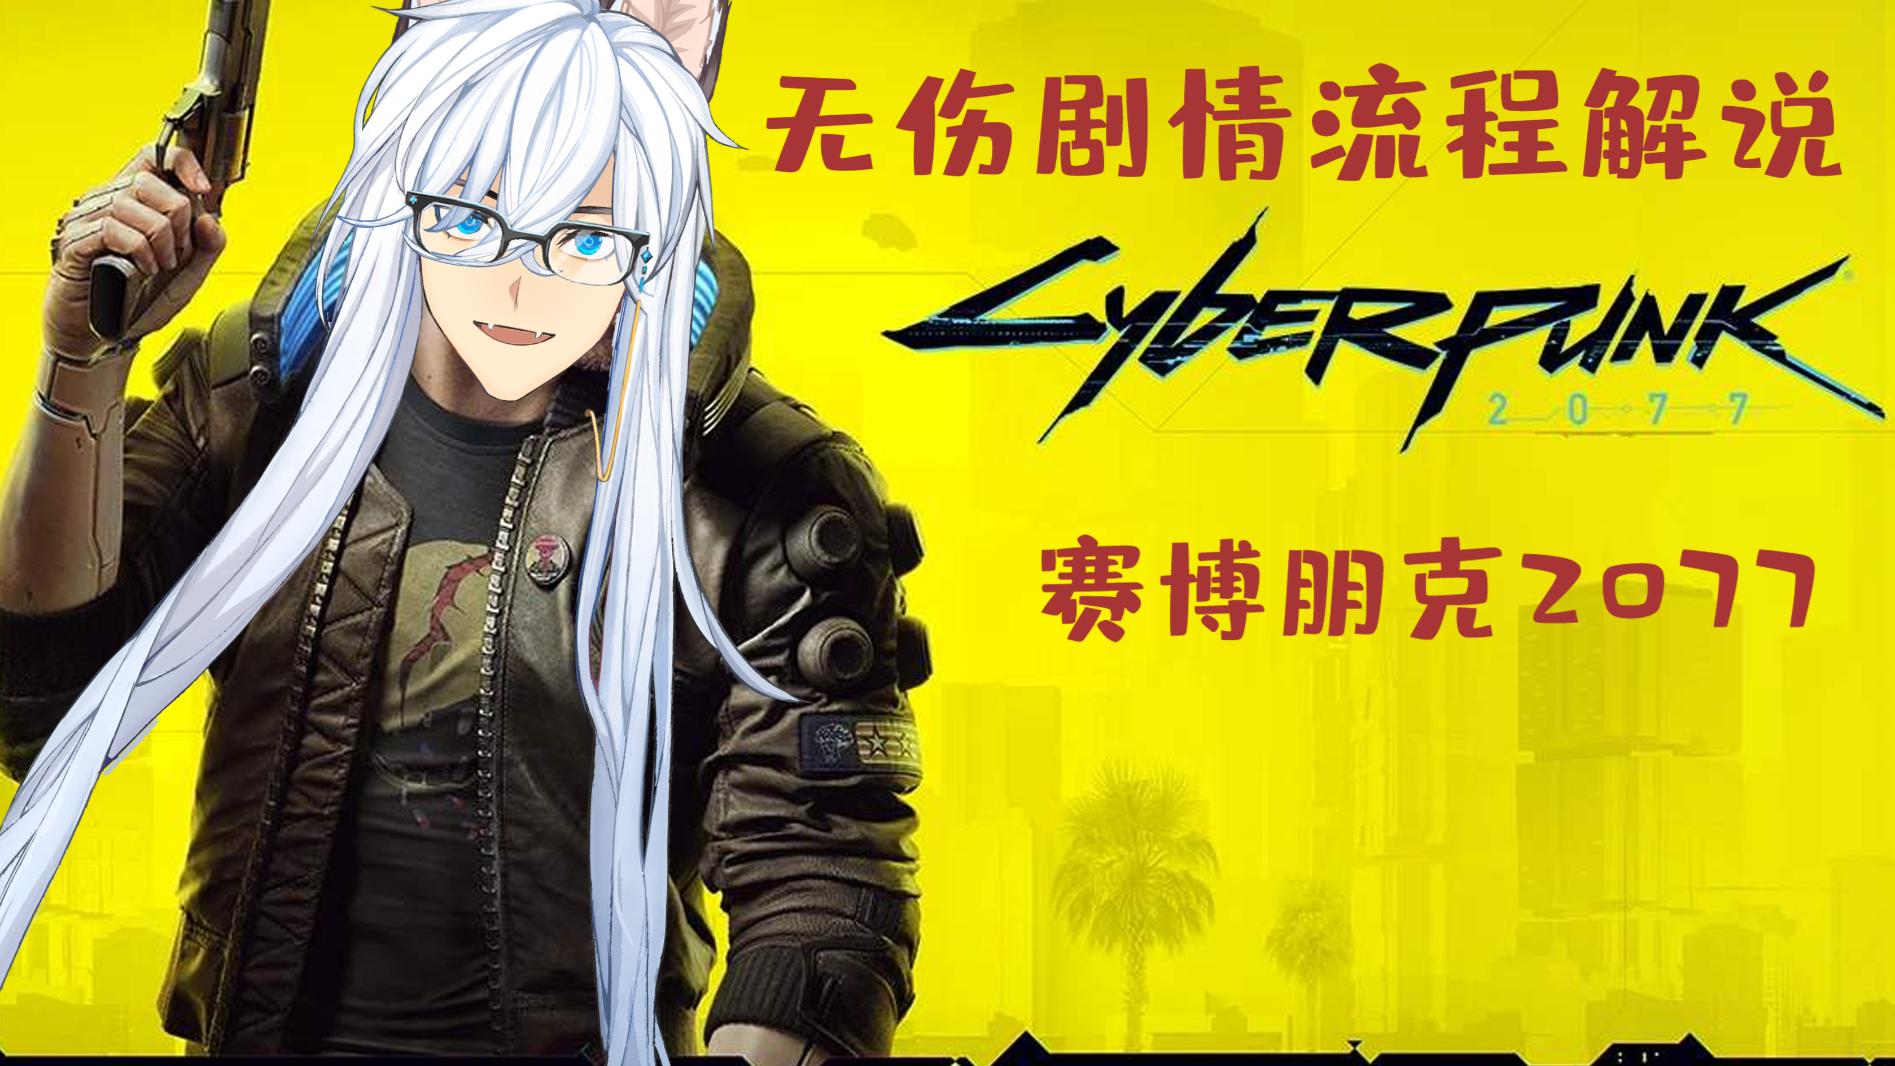 【A站独家】赛博朋克2077无伤最高难度解说——营救